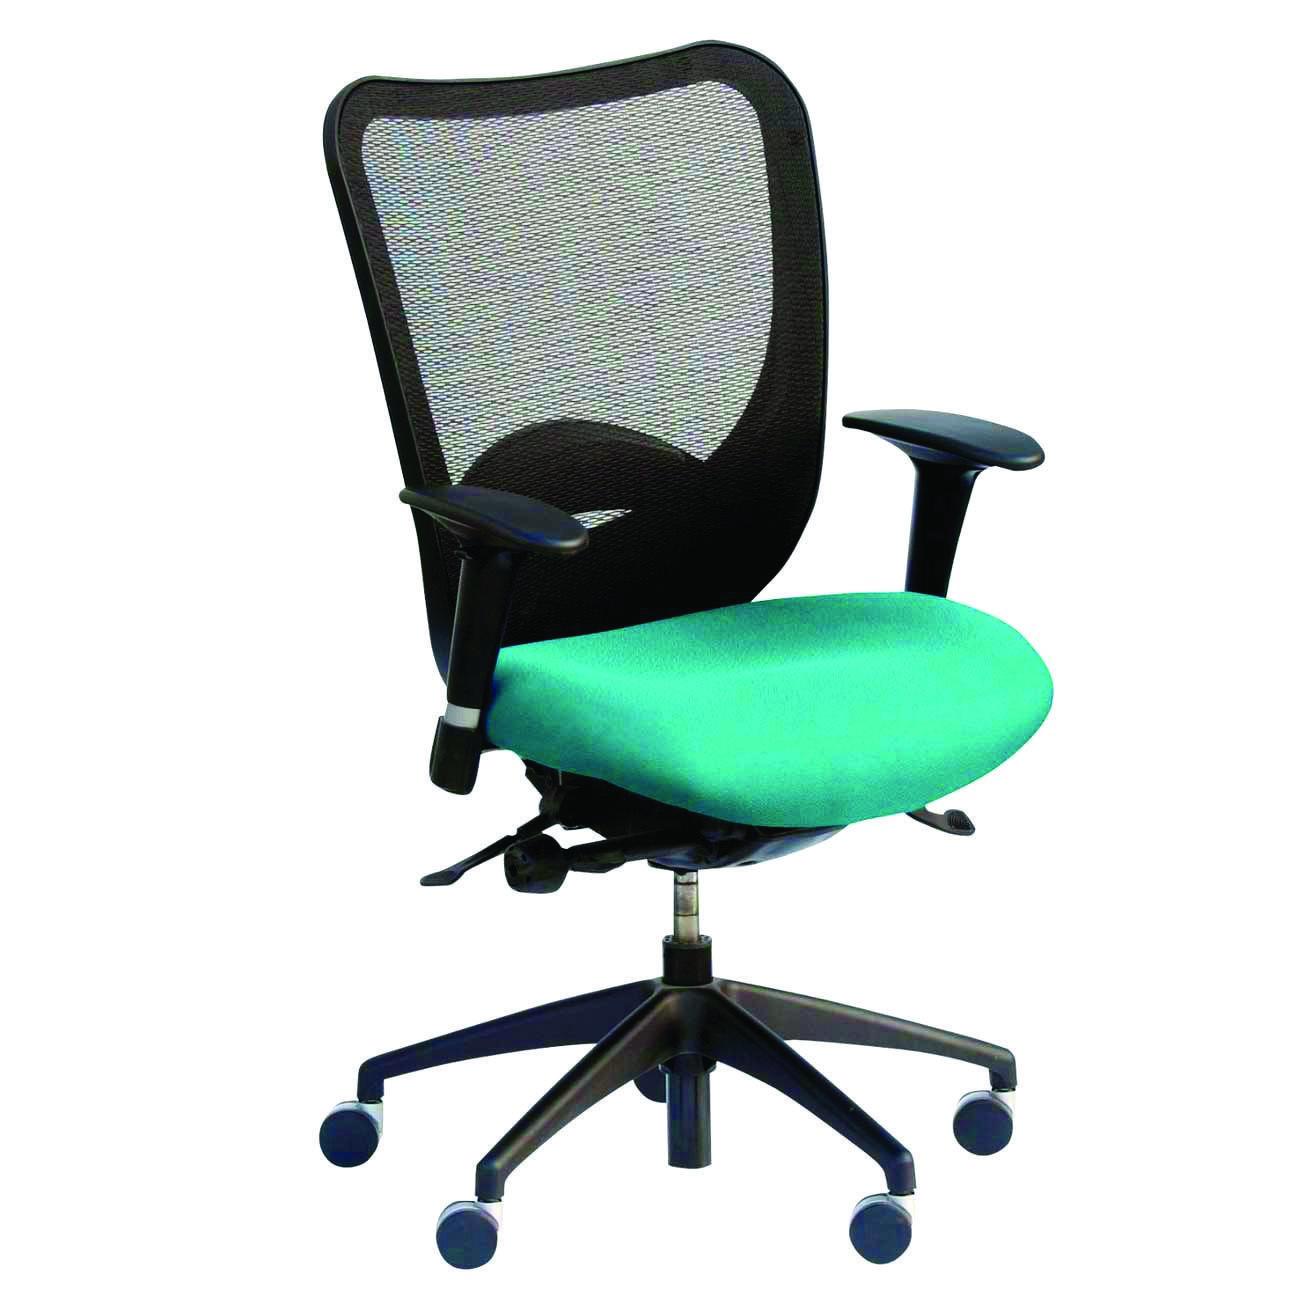 Stylish Best Office Chair Under 300 Australia That Will Blow Your Mind Stylish Office Chairs Best Office Chair Office Chair